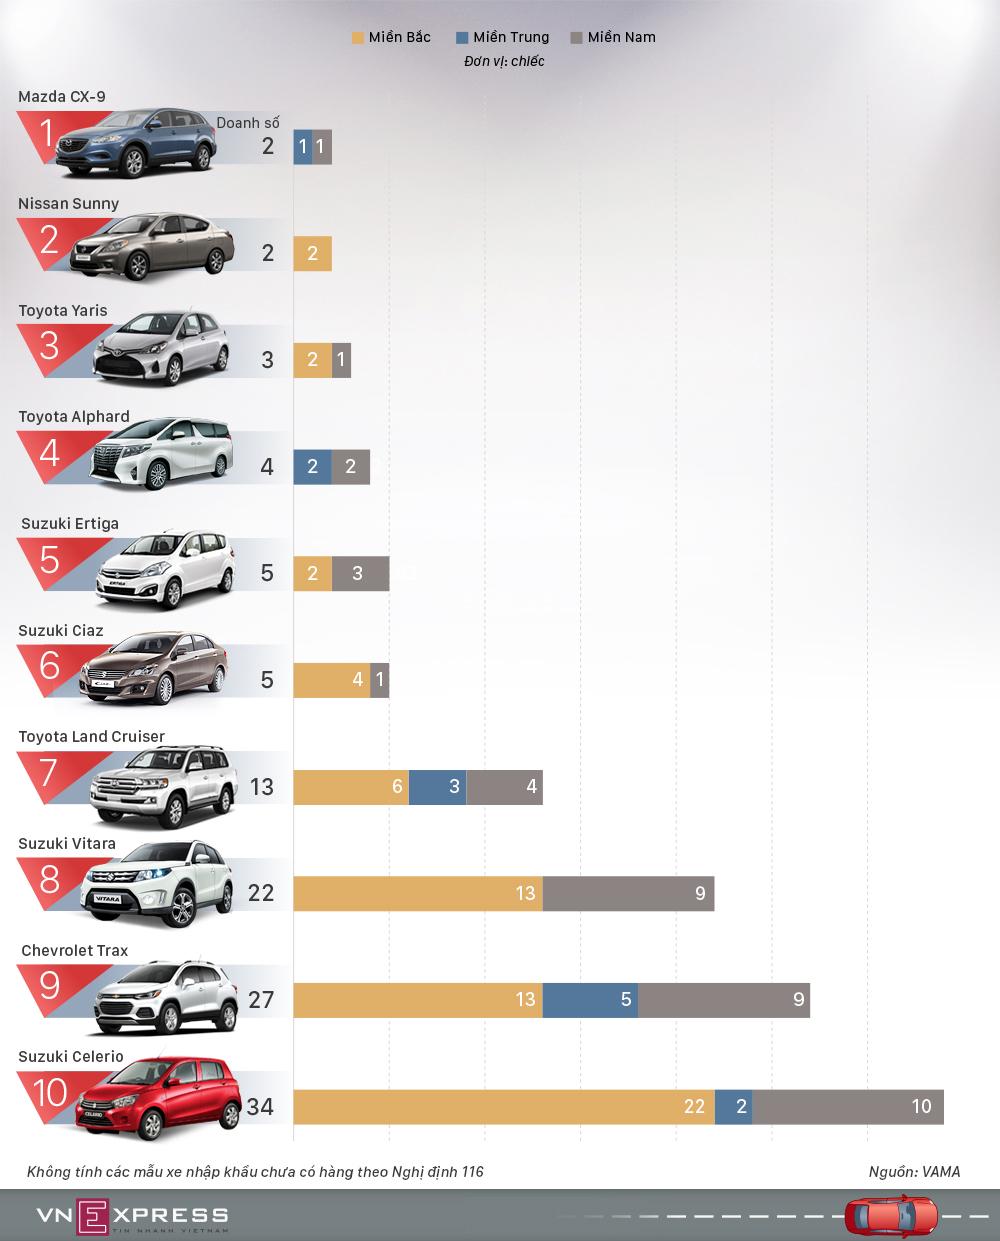 Top 10 ô tô ế ẩm nhất dịp cận tết Mậu Tuất 2018